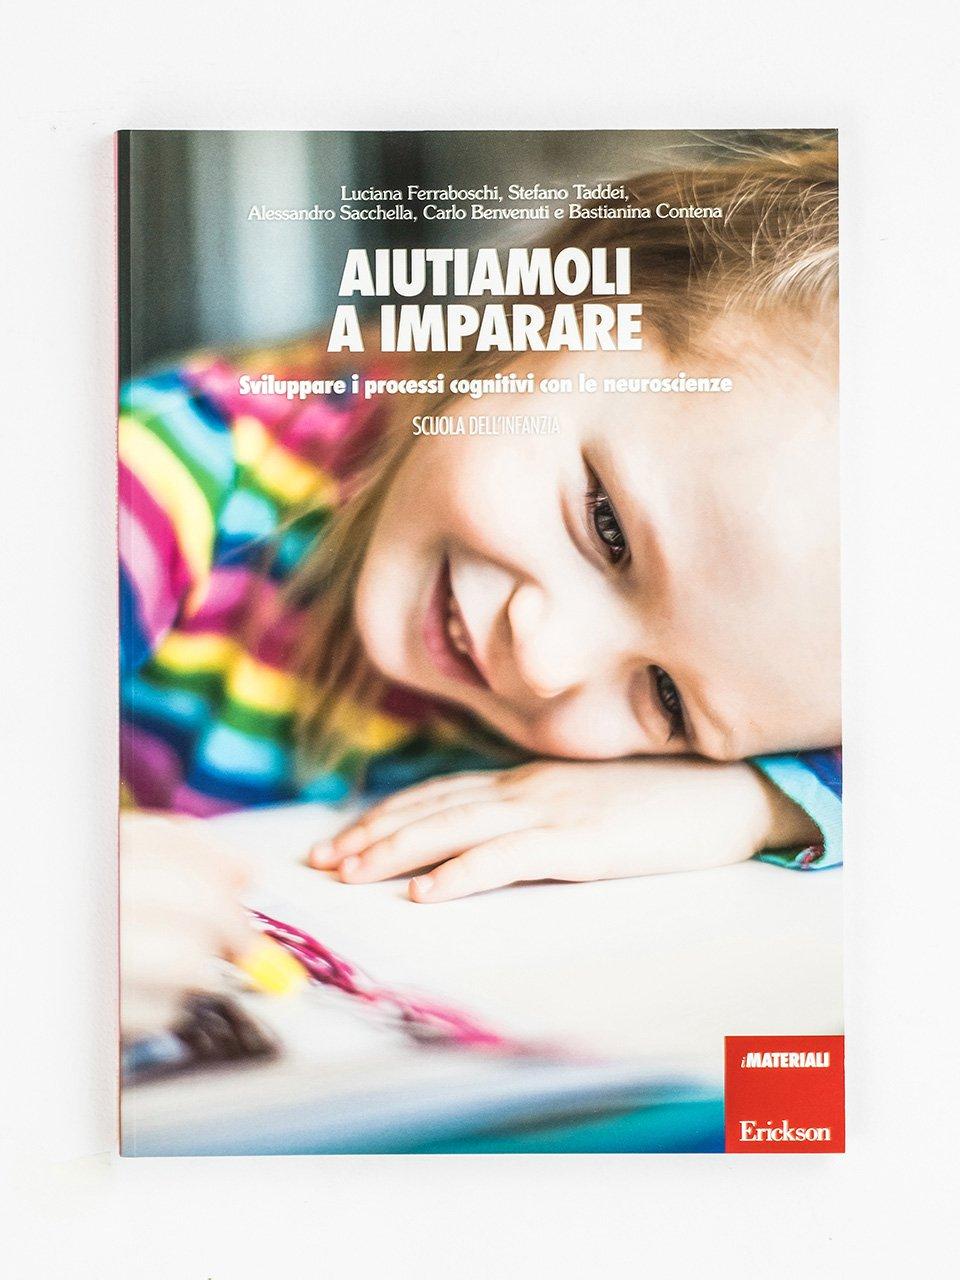 Aiutiamoli a imparare - Scuola dell'infanzia - Prime storie 2 - SCUOLA DELL'INFANZIA - Libri - Erickson